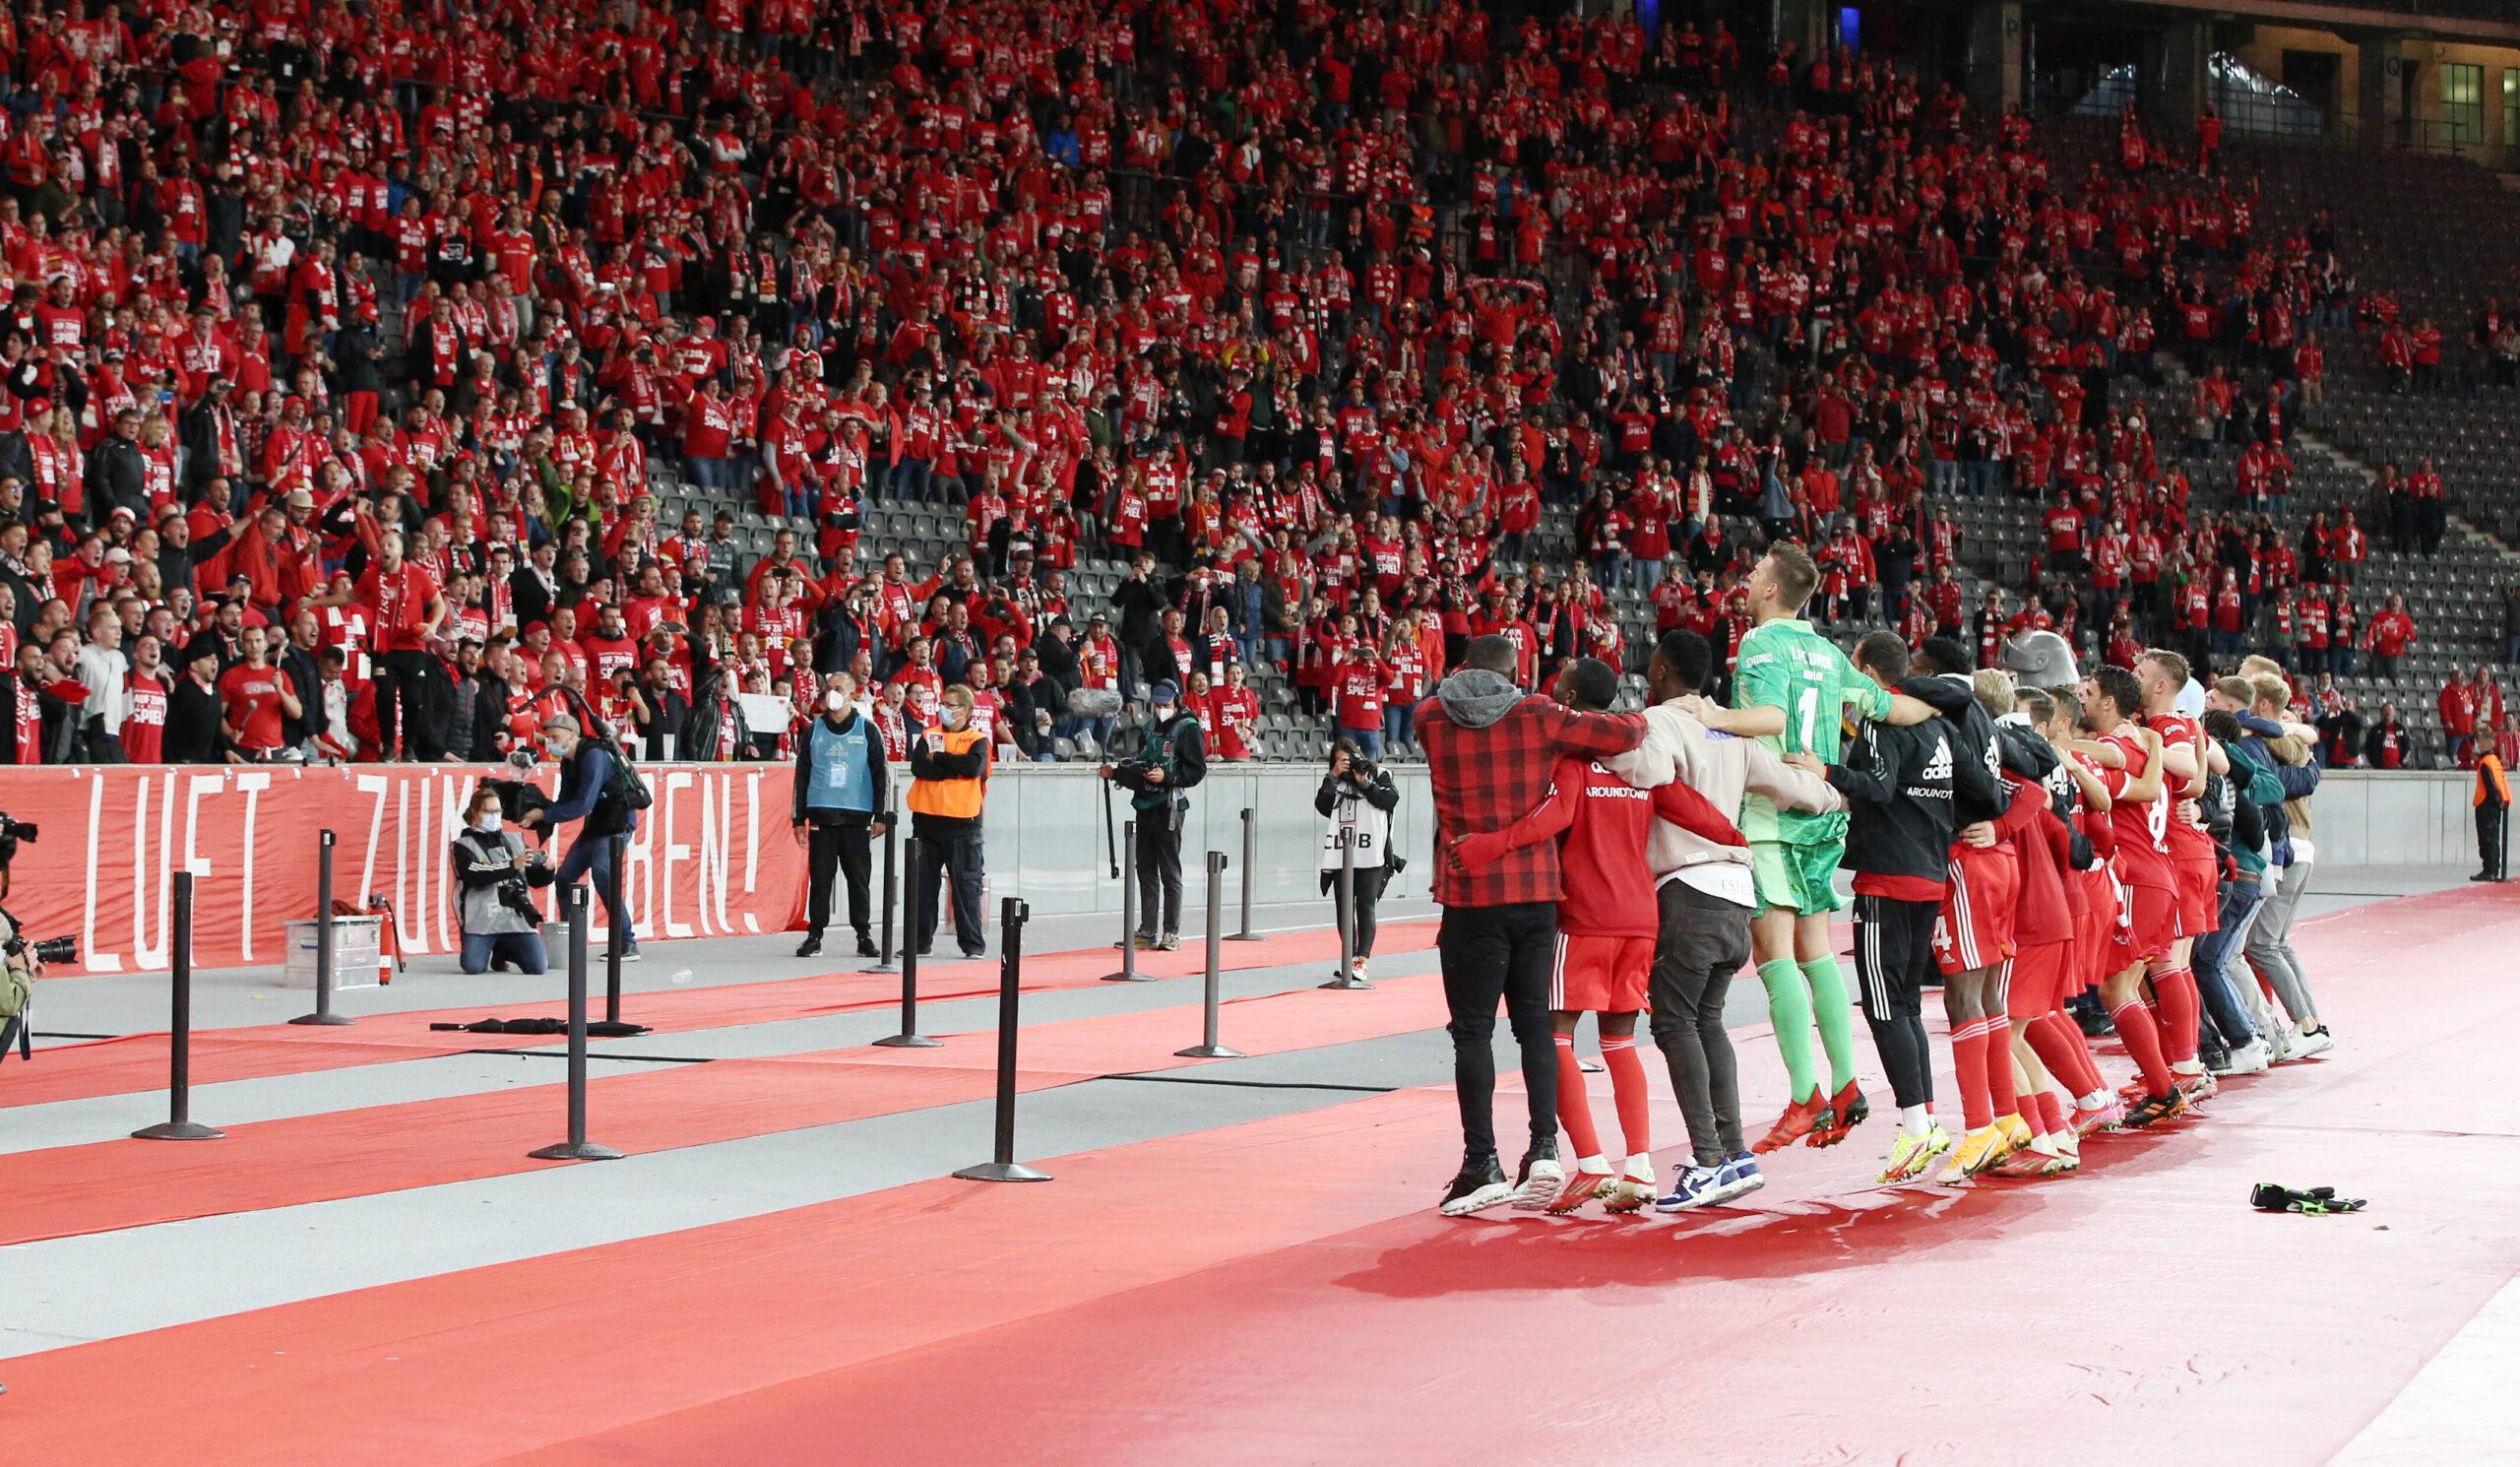 Los jugadores del Union Berlin celebran frente a los fanáticos en el Olympiastadion. Fuente: Imago Images